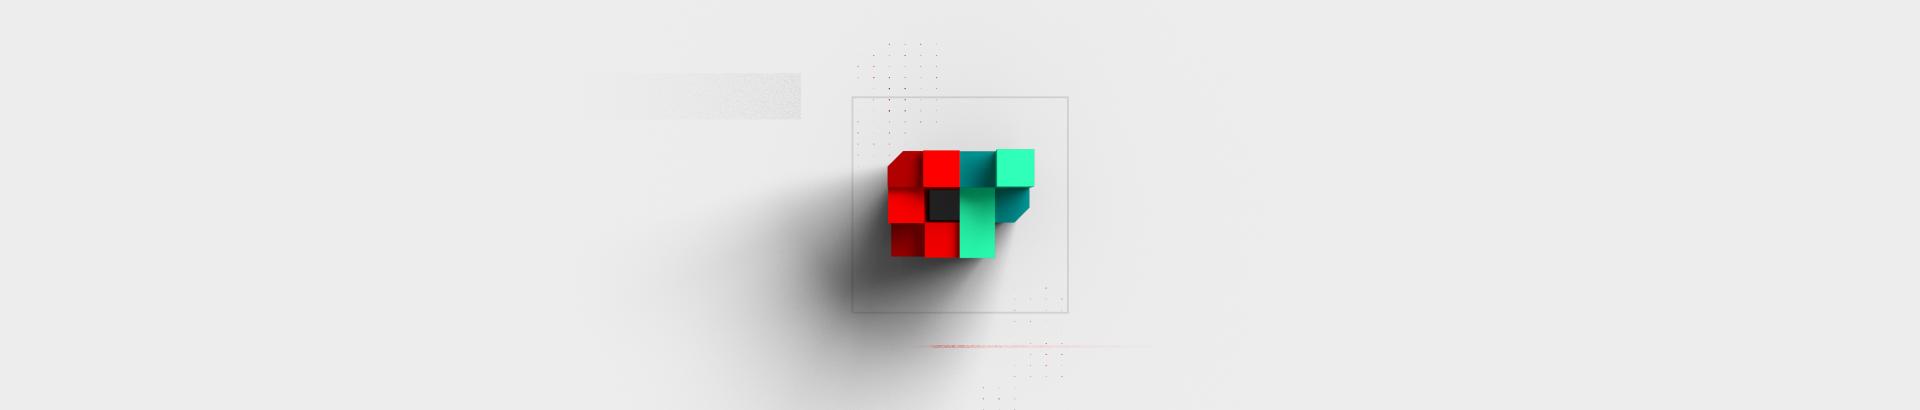 CP_logo_Behance_Banner_1920x410